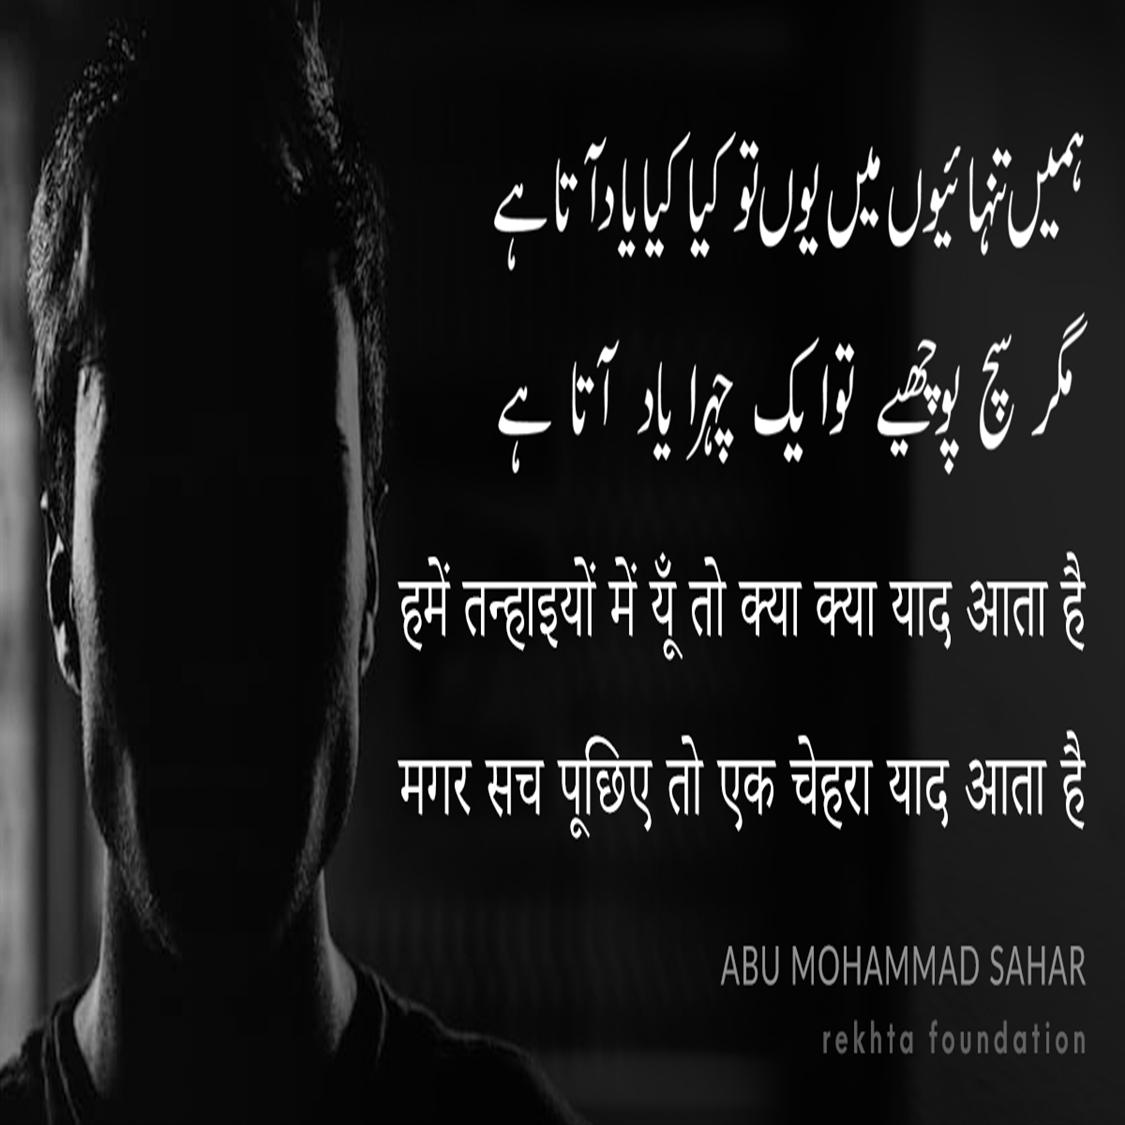 hame.n tanhaa.iyo.n me.n yuu.n to kyaa kyaa yaad aataa hai-Abu Mohammad Sahar